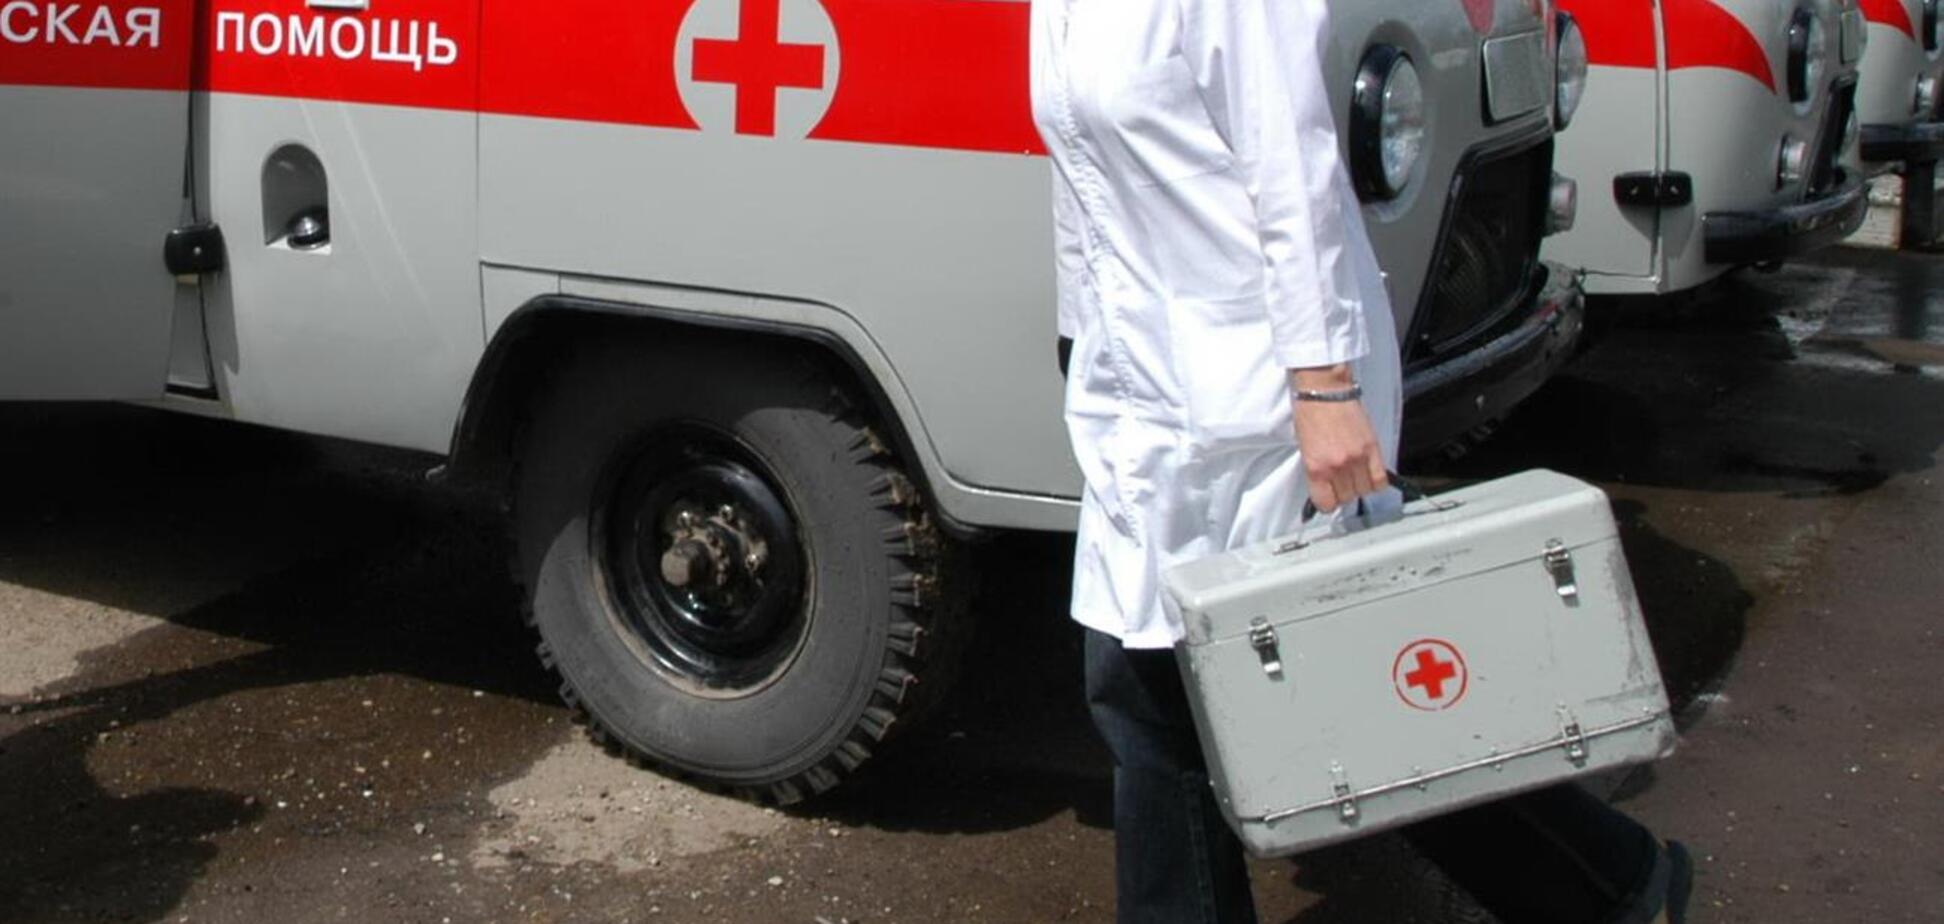 Лікарям швидкої допомоги можуть підвищити зарплати